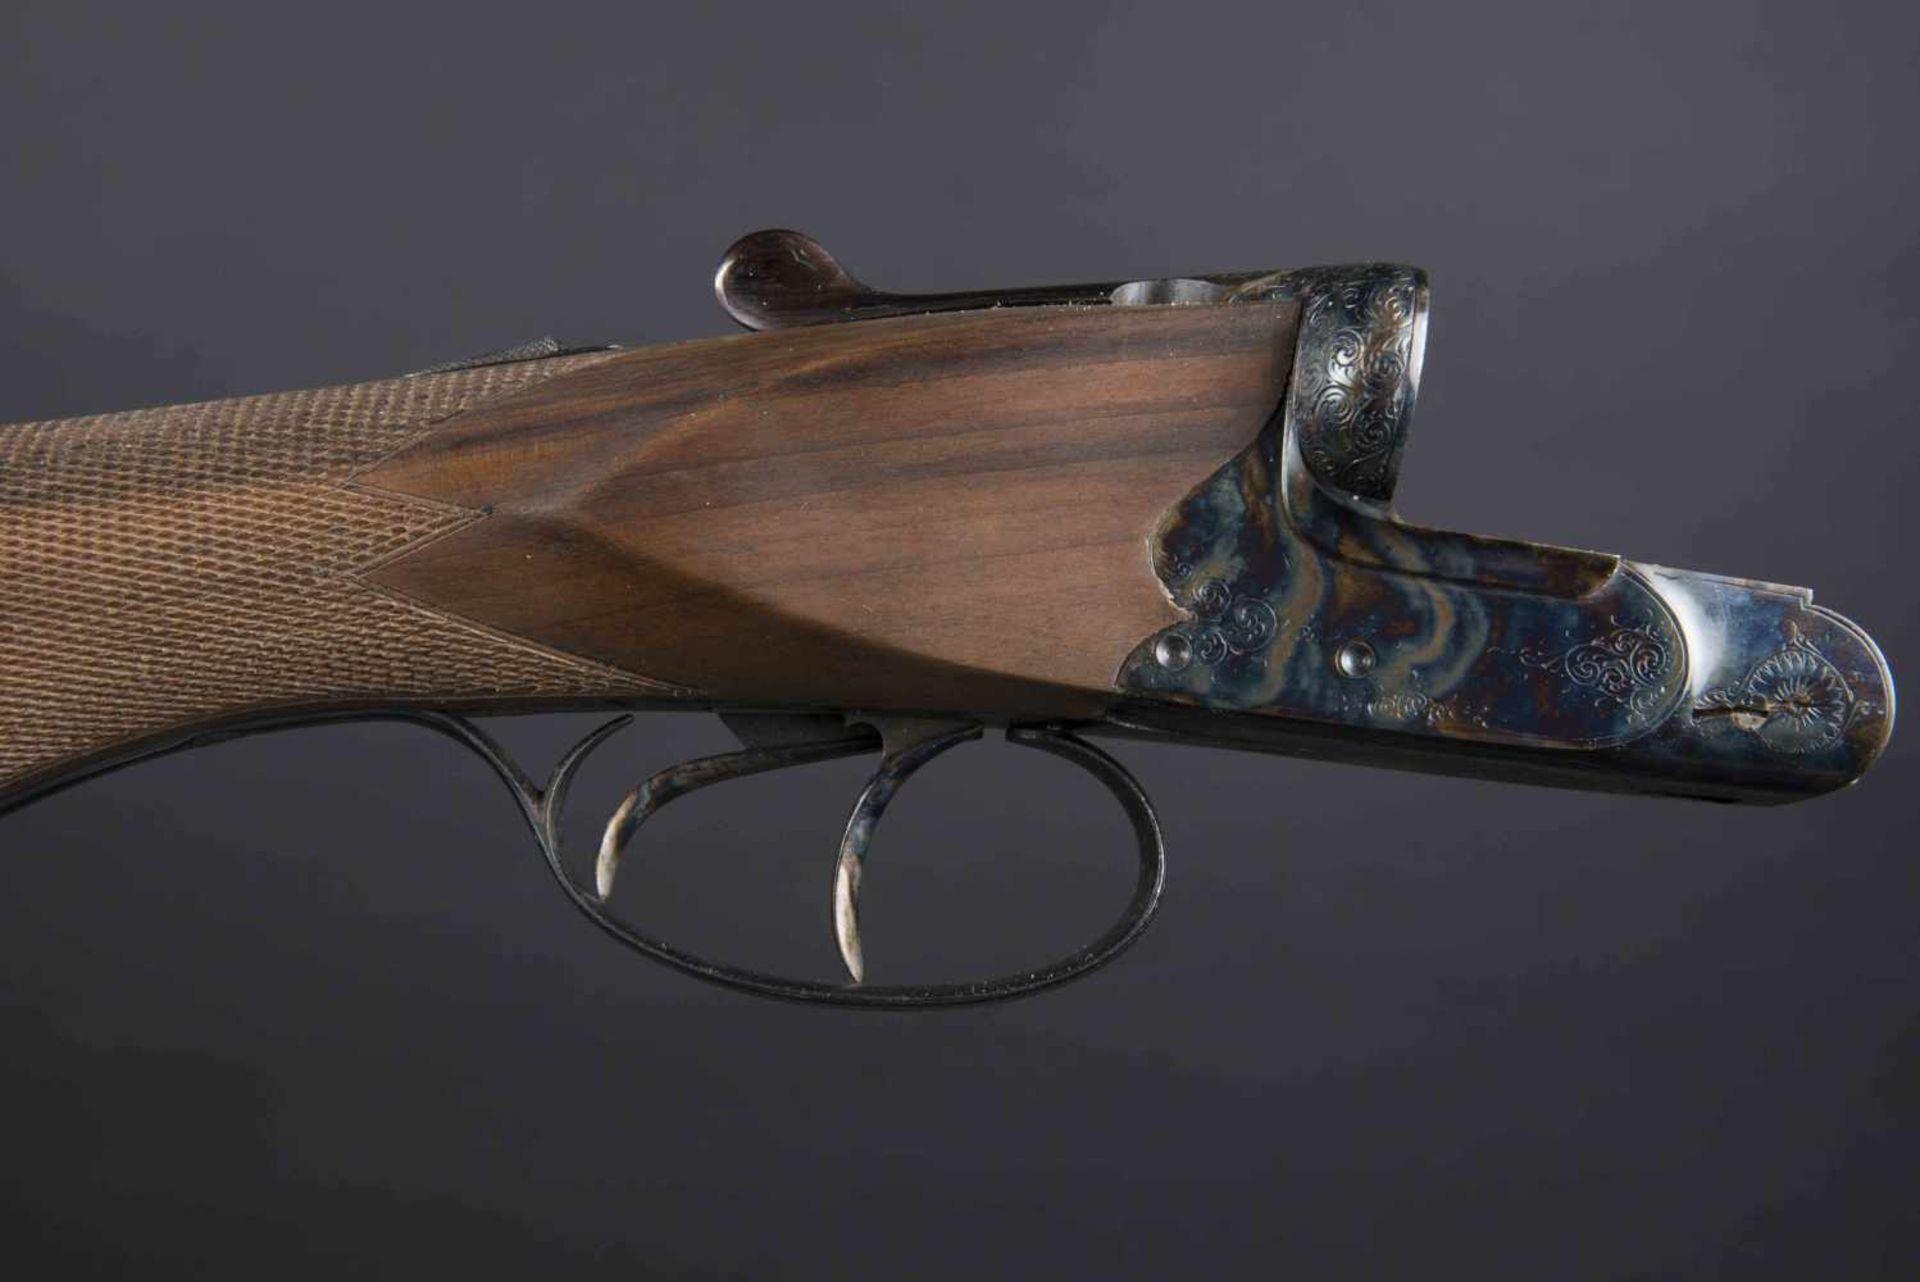 Fusil juxtaposé J Breuil Catégorie C Calibre 12/65, canon raccourci. Numéro 1232. Crosse - Bild 3 aus 3